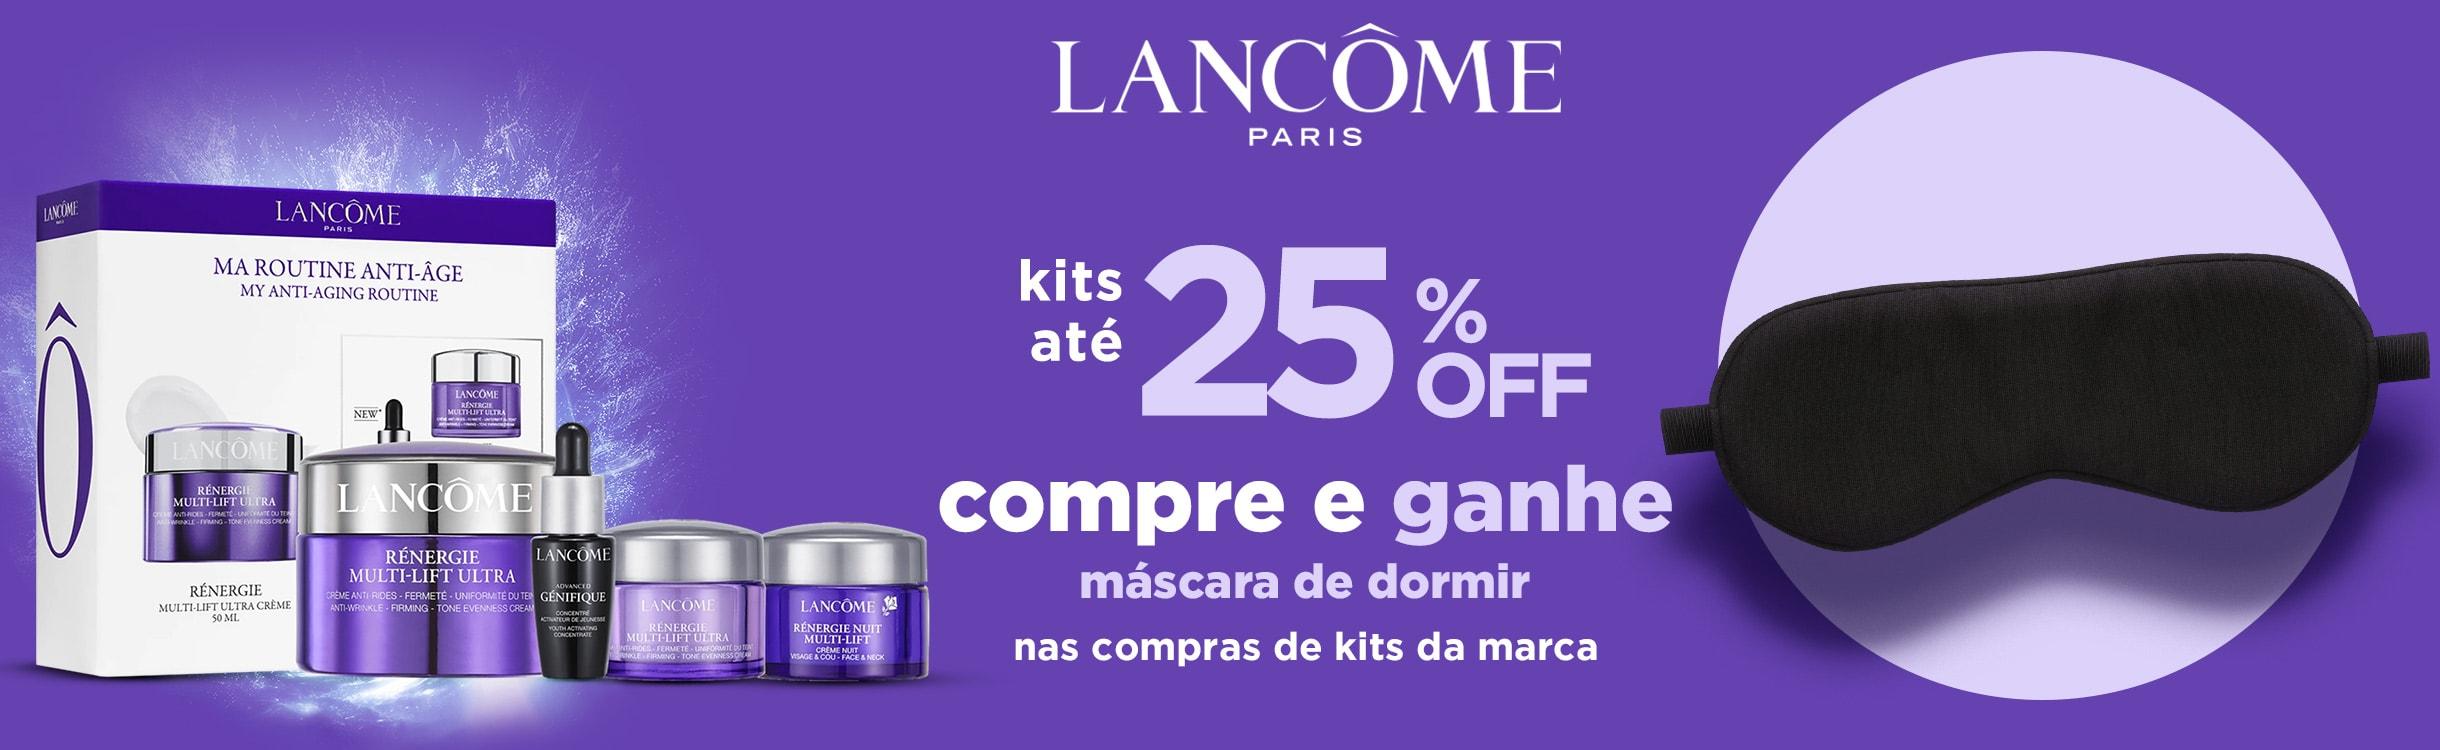 Kits Lancôme até 25% OFF